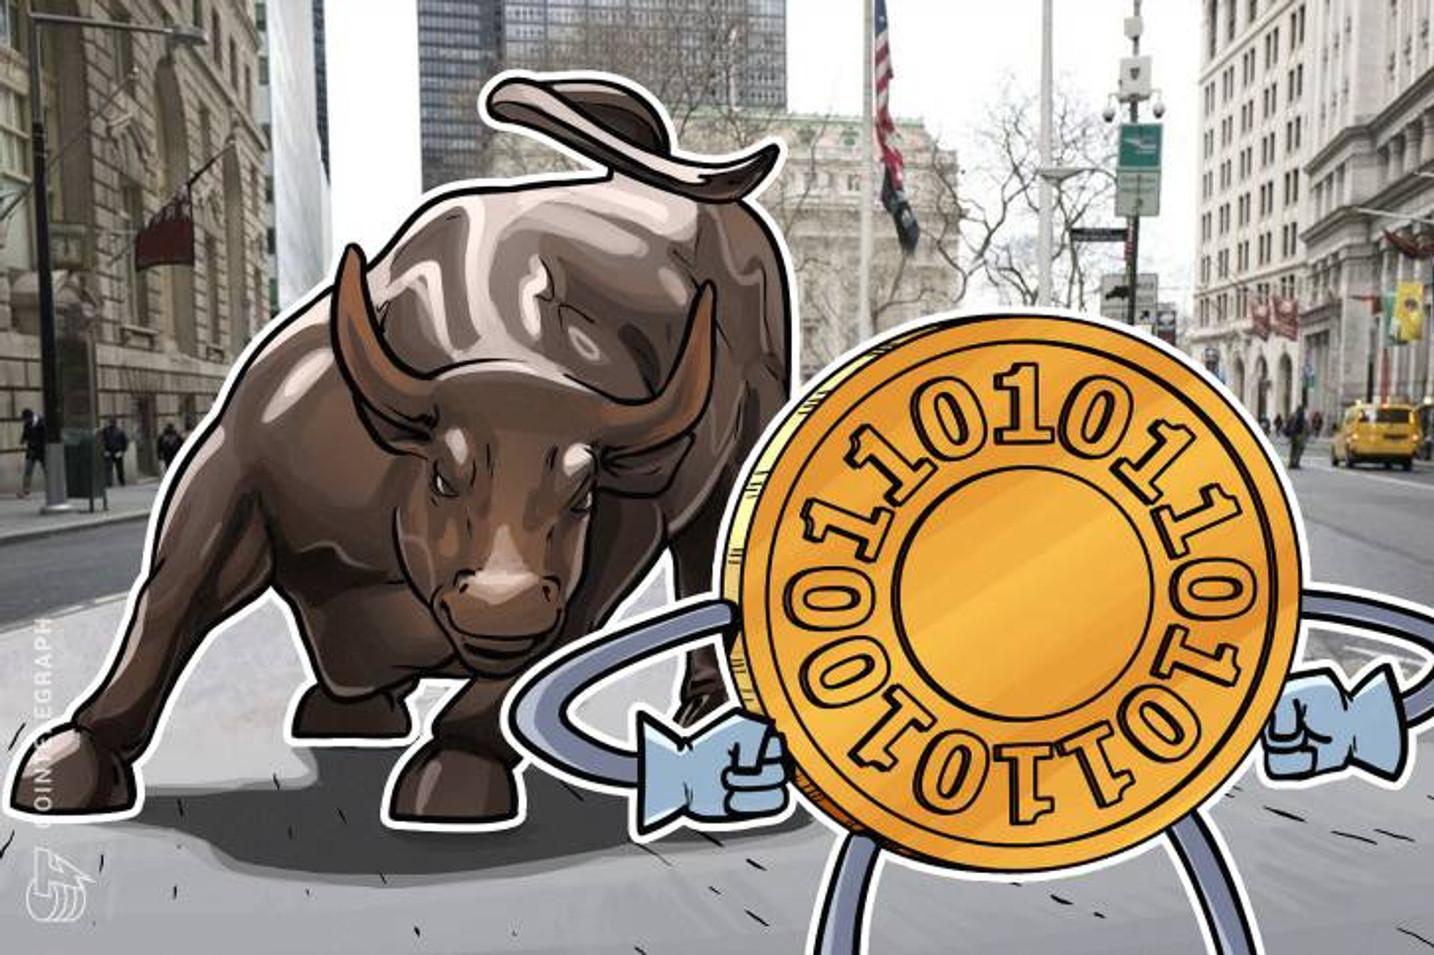 Comcasts Abteilung für Risikokapital steht positiv gegenüber Bitcoin und Blockchain